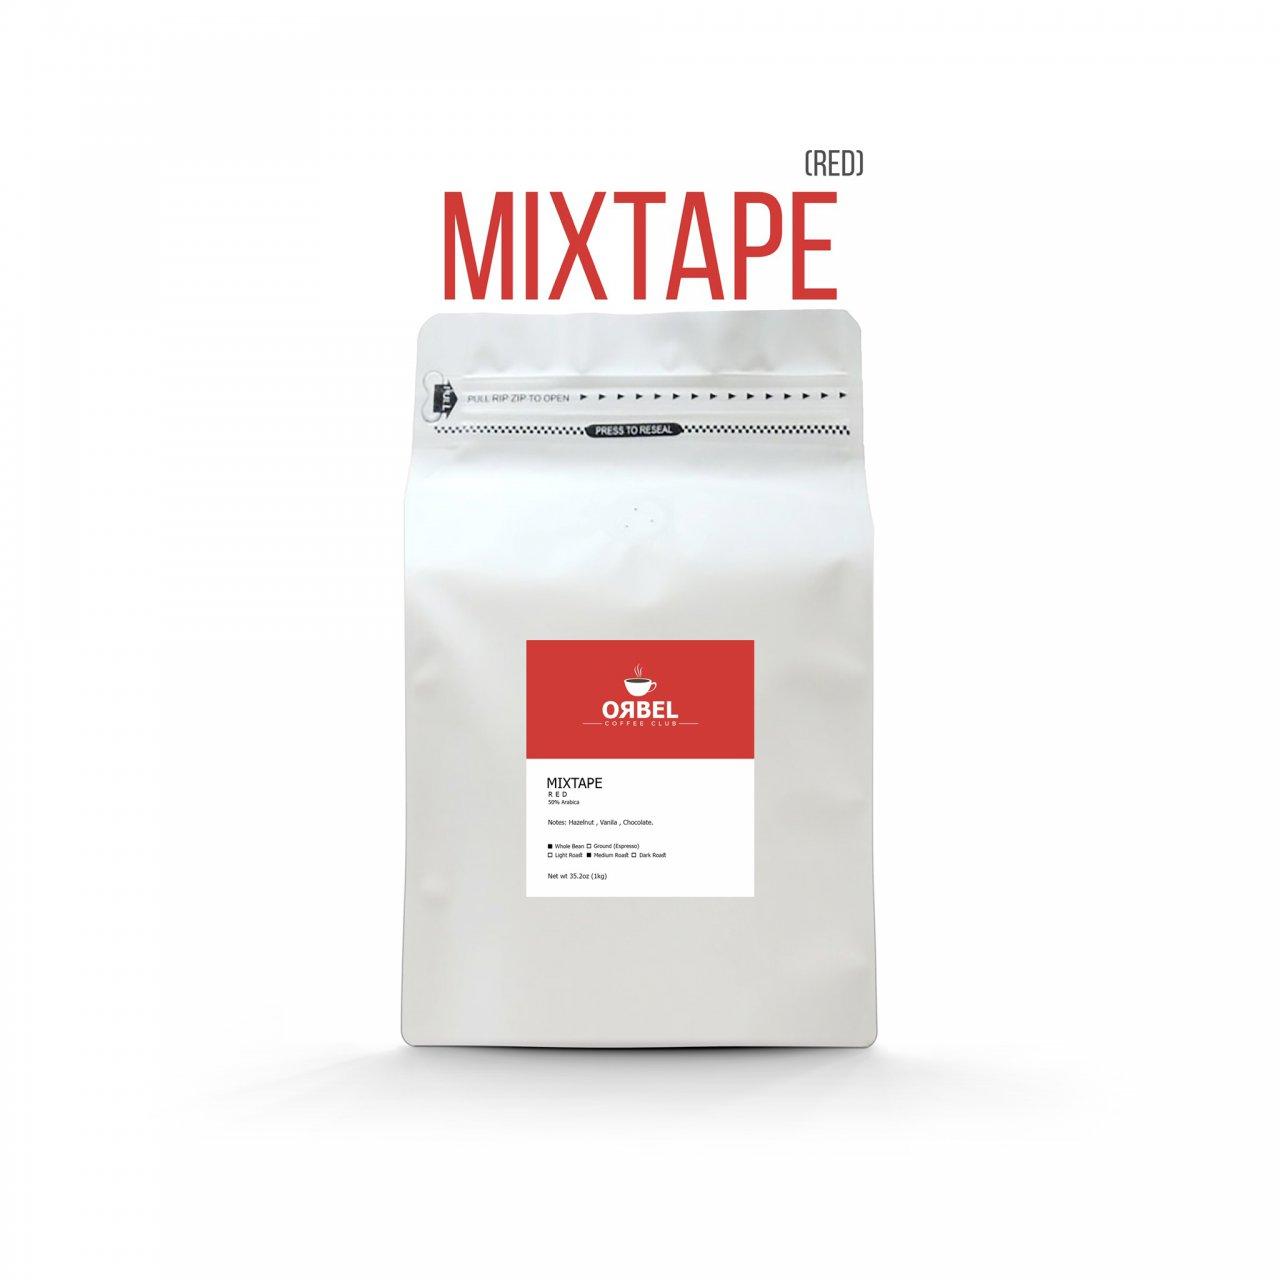 دانه قهوه اربل مدل میکس تیپ رد 1 کیلوگرم